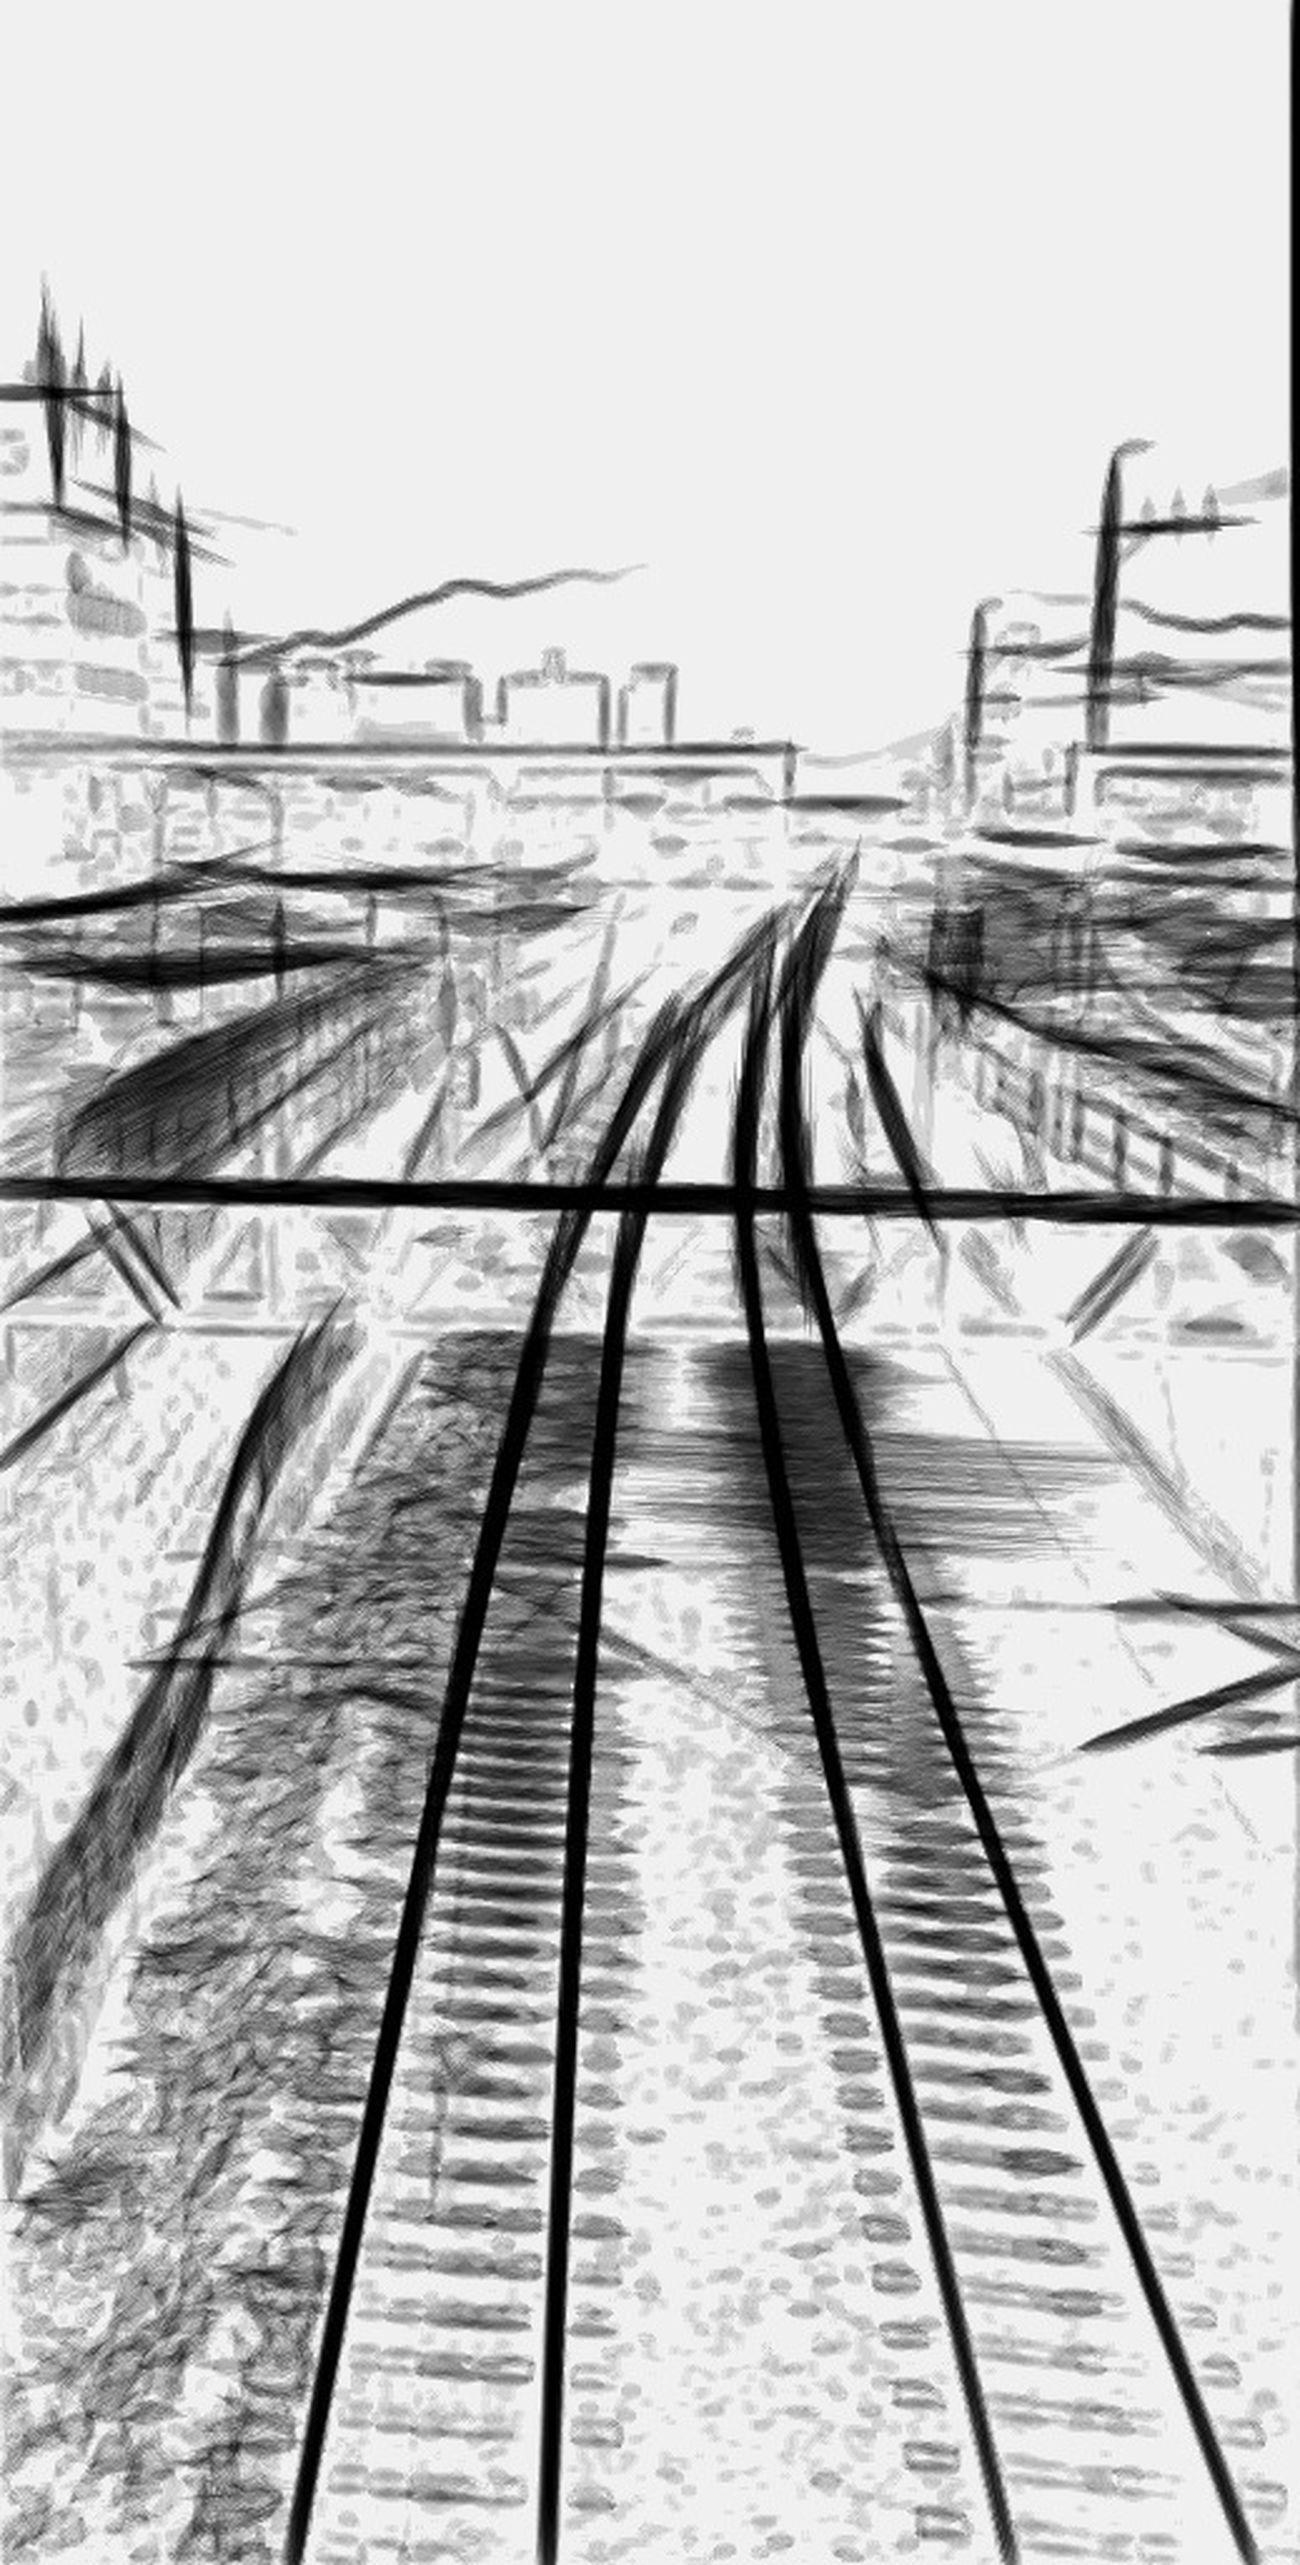 떠나고 싶다... Railway Photo Go Away Streetphotography